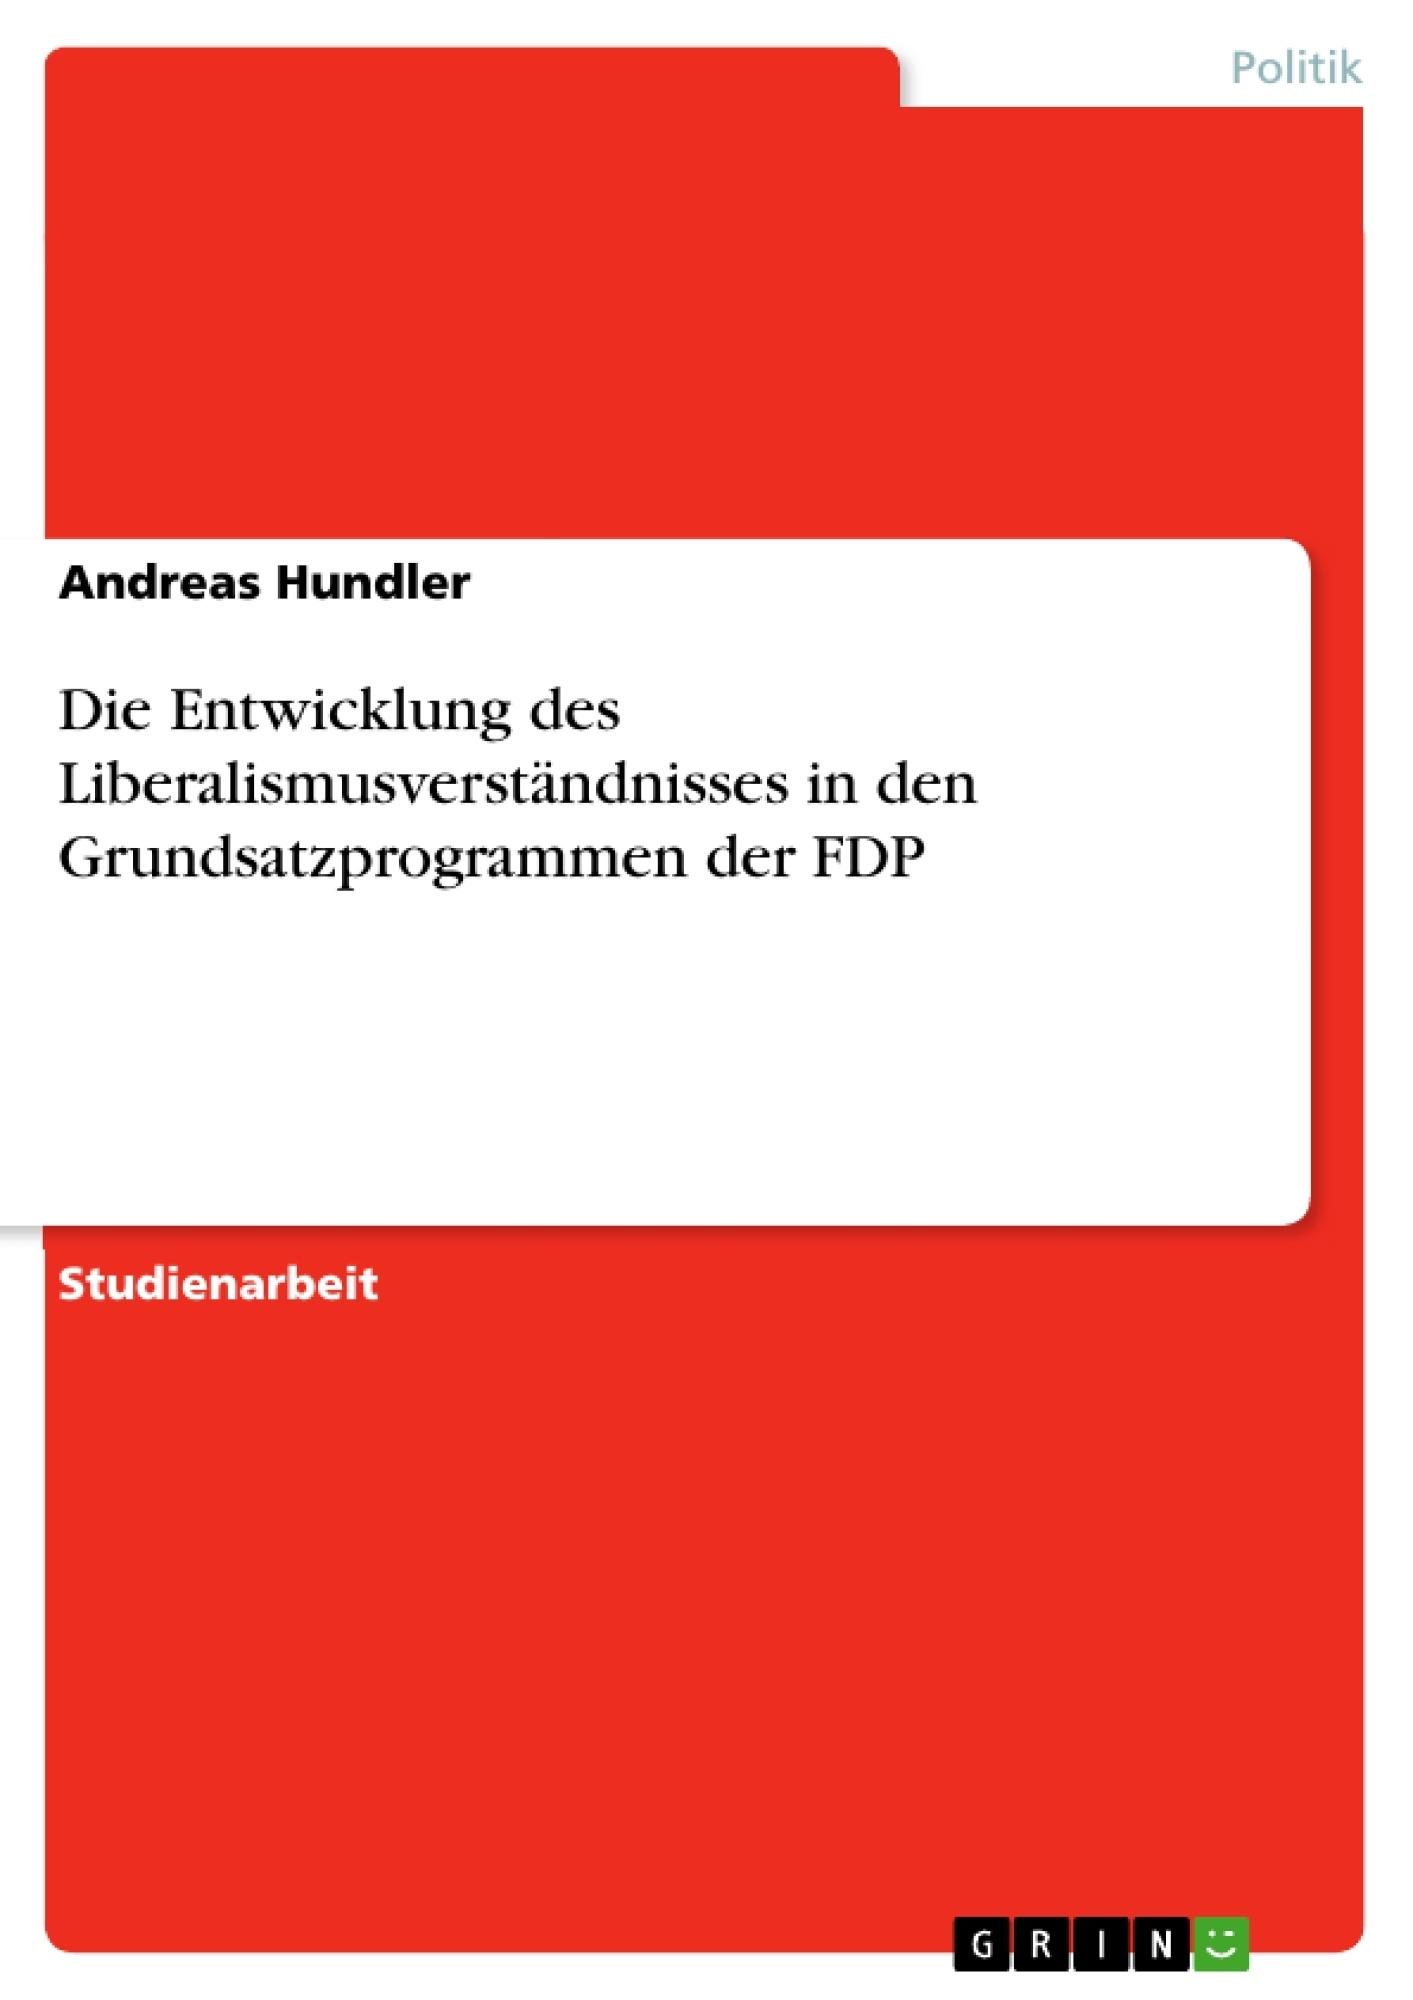 Titel: Die Entwicklung des Liberalismusverständnisses in den Grundsatzprogrammen der FDP